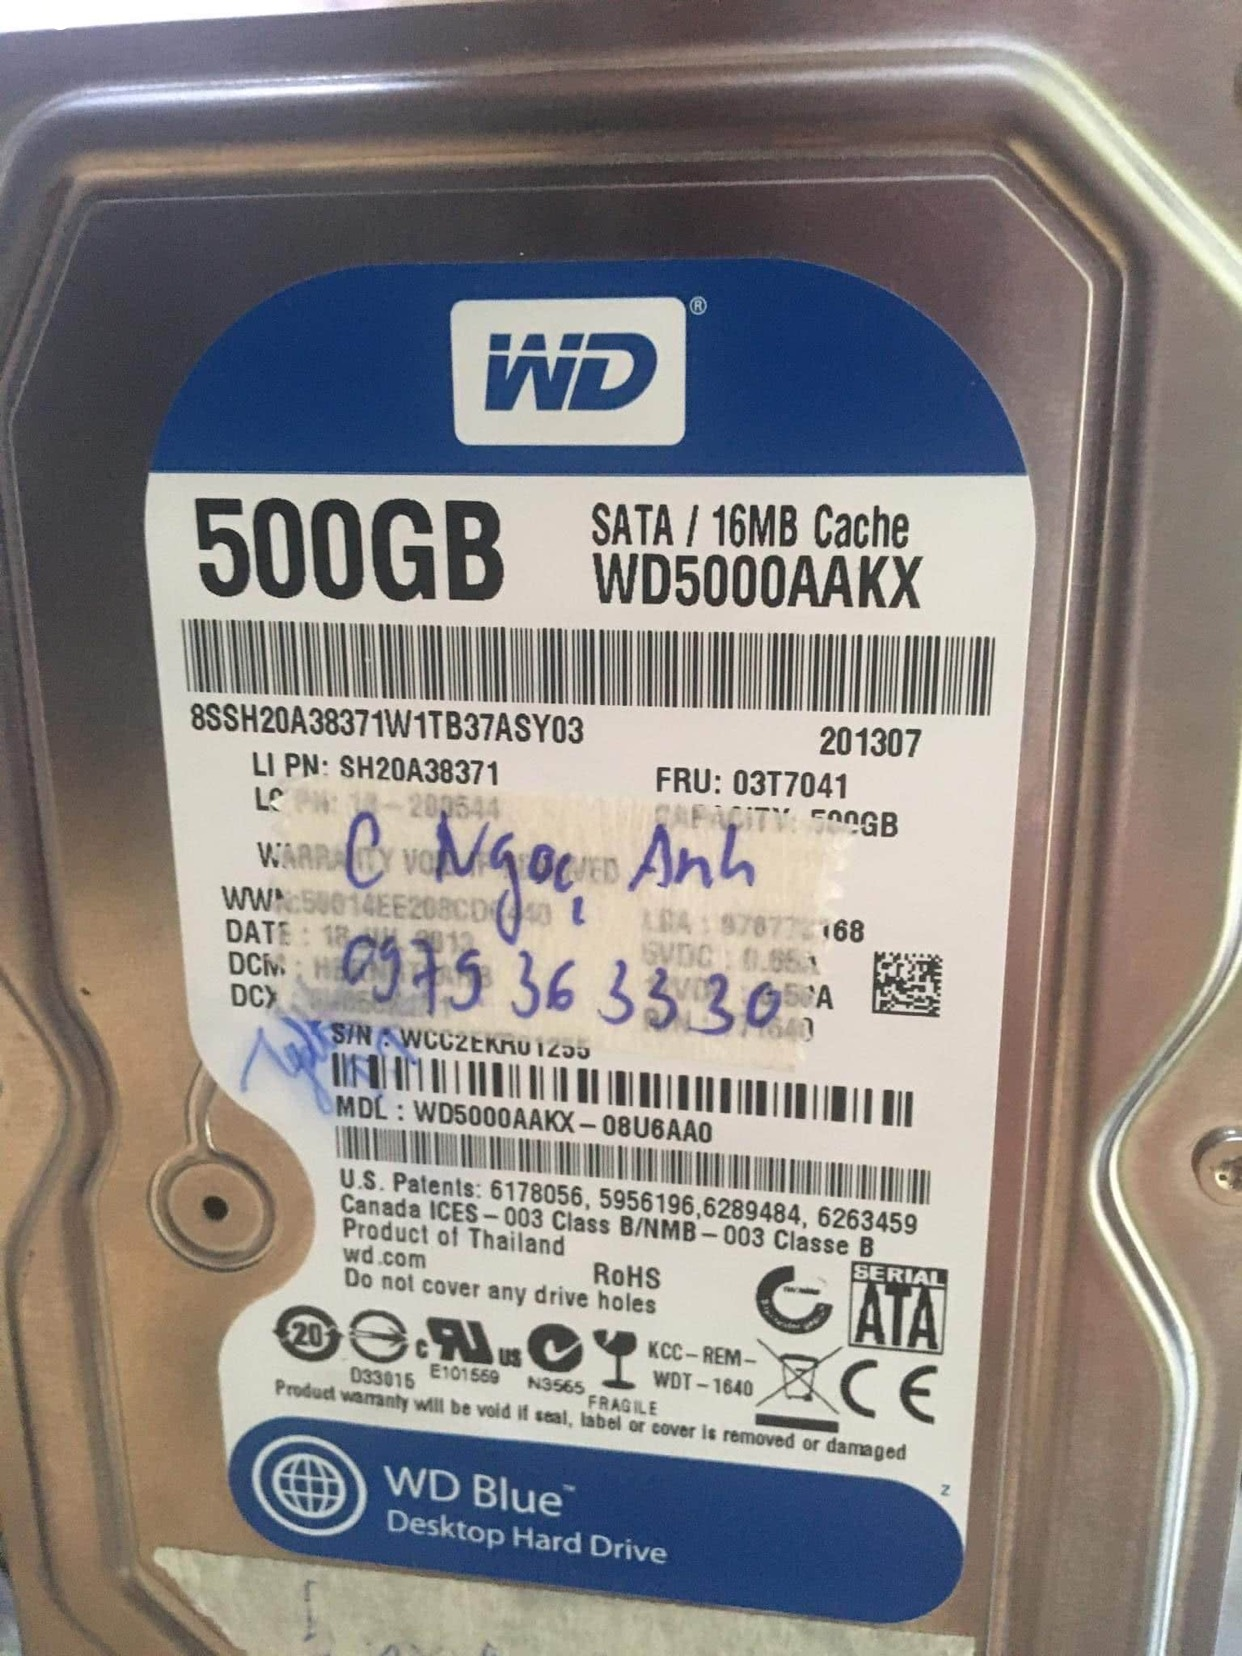 Cứu dữ liệu ổ cứng Western 500GB lỗi đầu đọc 15/07/2020 - cuumaytinh